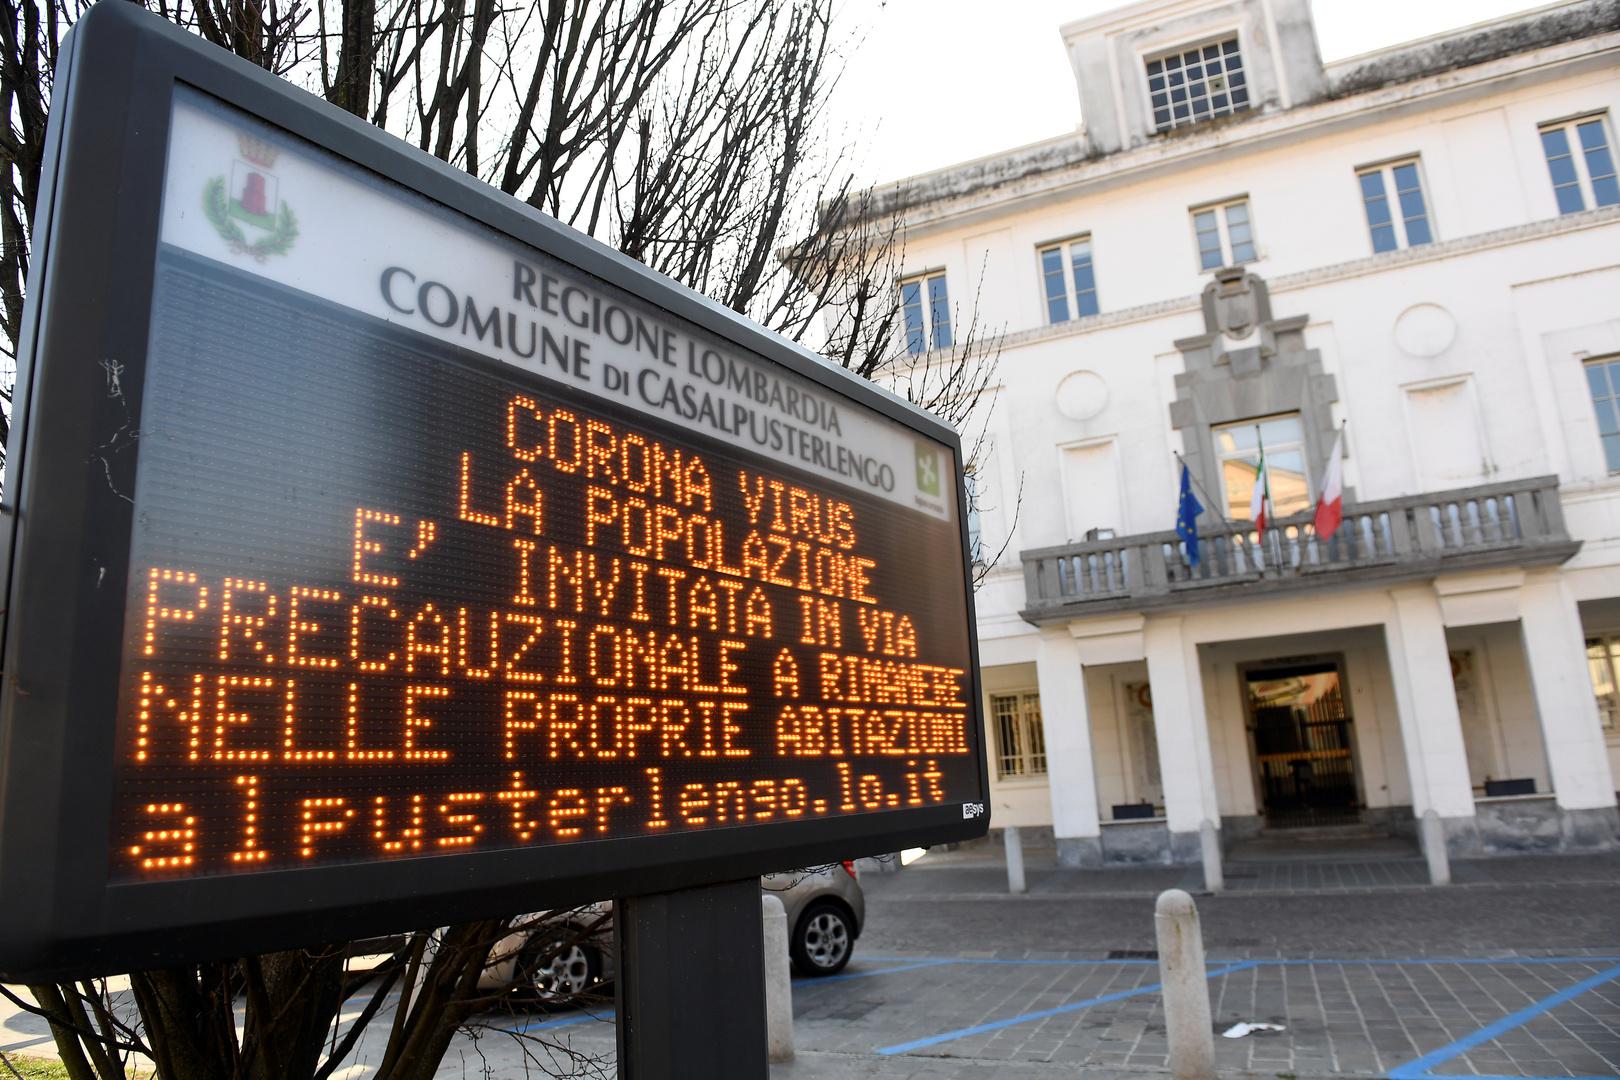 حصيلة ضحايا كورونا في أوروبا تتجاوز الـ5000